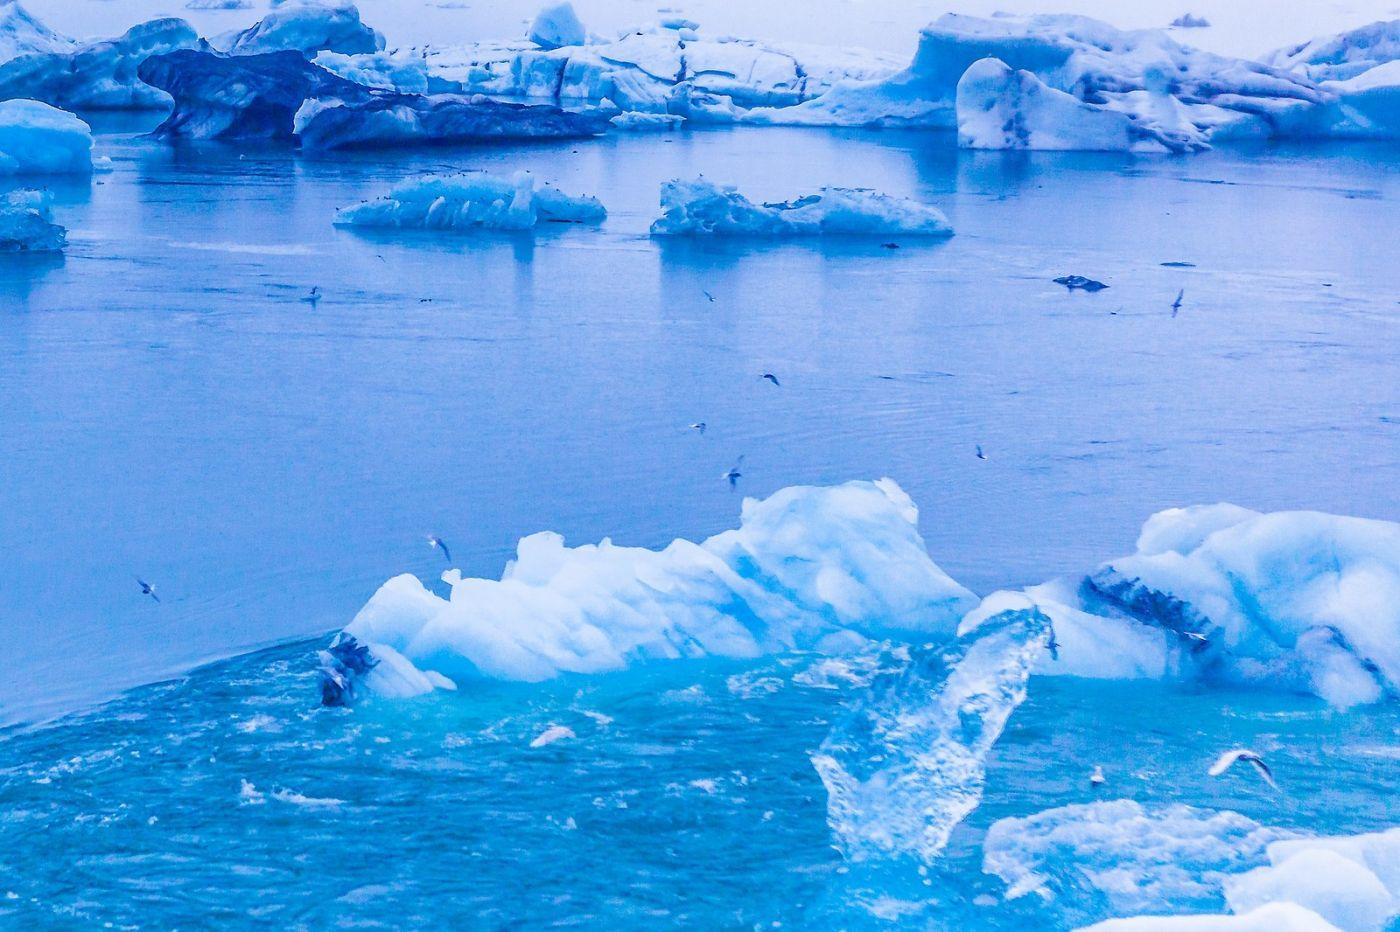 冰岛冰川泻湖(Glacier Lagoon),自然雕塑_图1-21